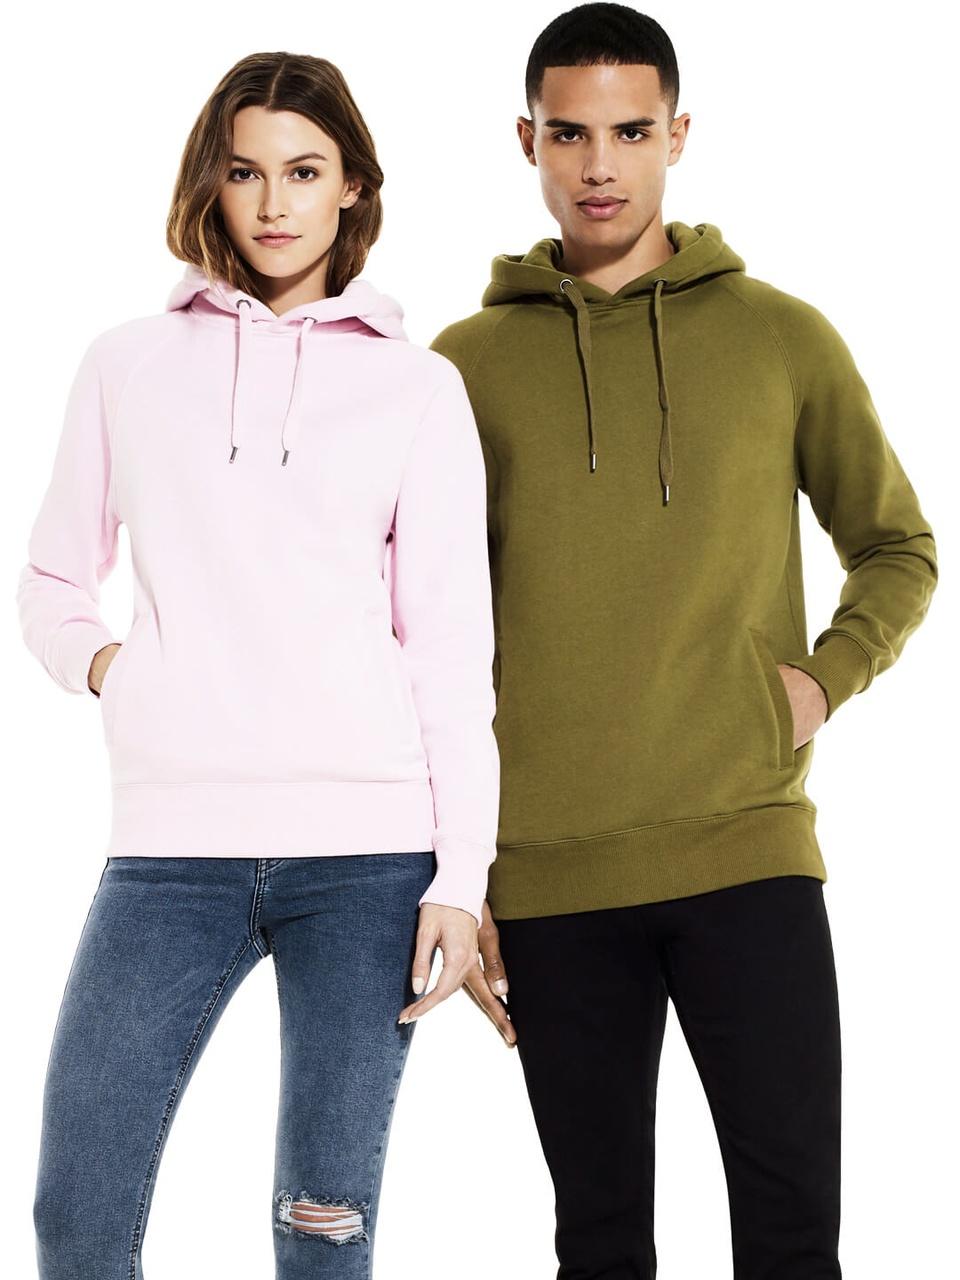 Unisex Style Hooded Sweatshirt